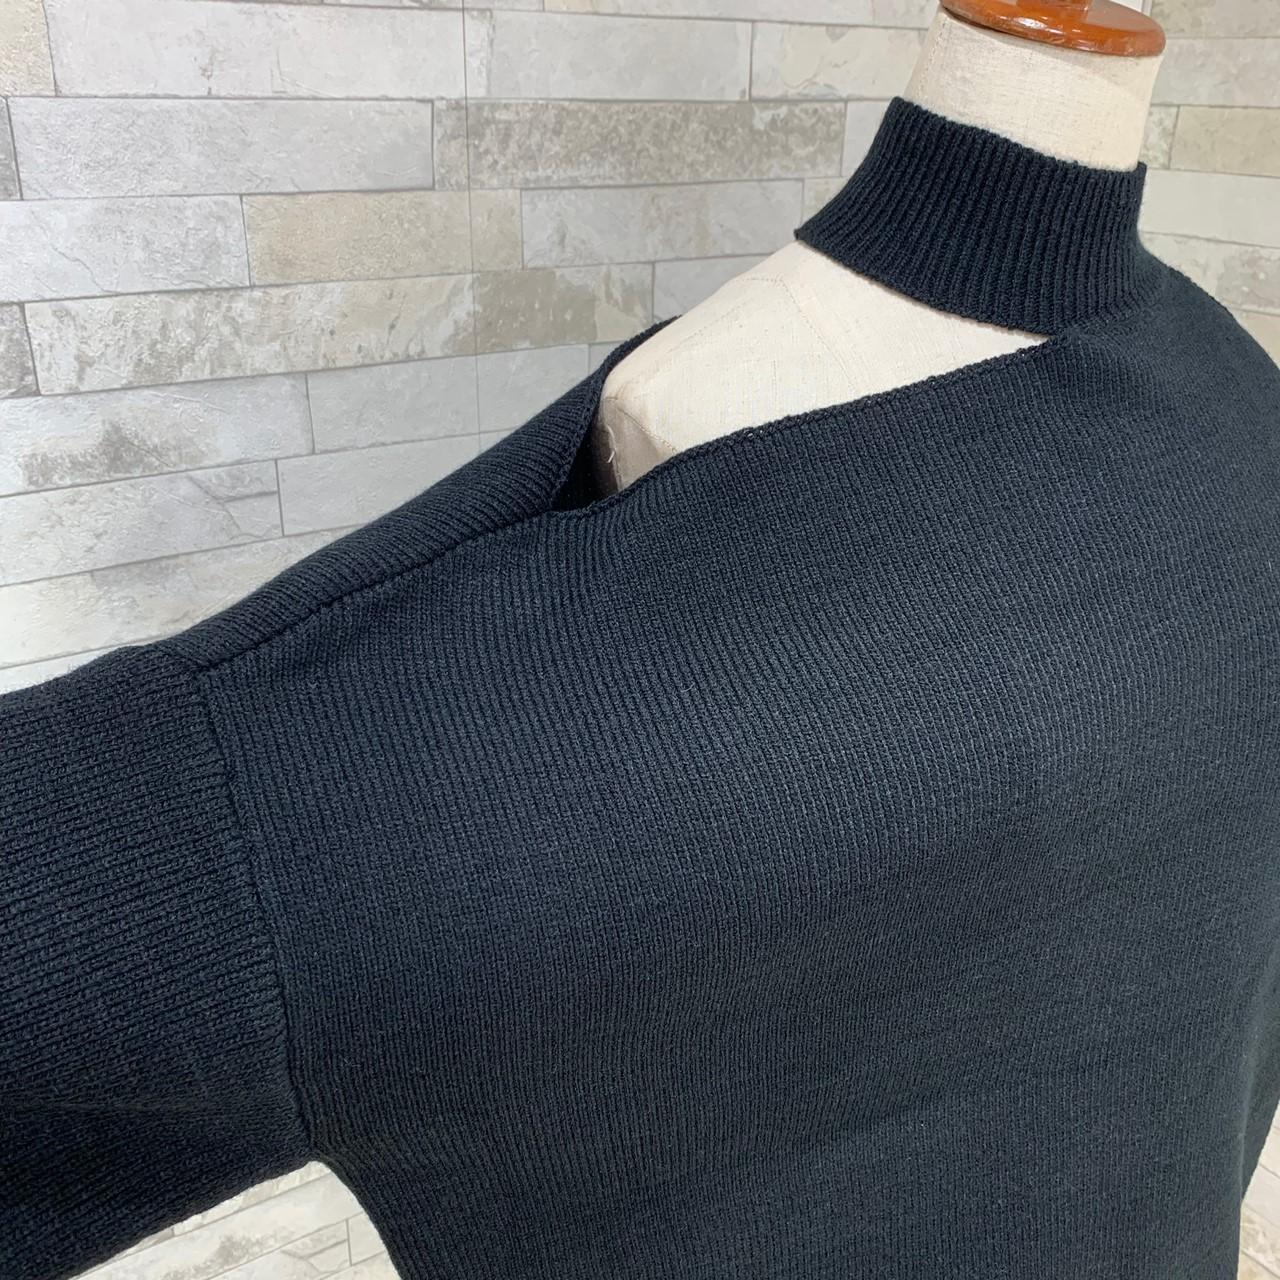 韓国 ファッション トップス ニット セーター 秋 冬 カジュアル PTXG267  アシンメトリー オープンショルダー カットオフ オルチャン シンプル 定番 セレカジの写真9枚目